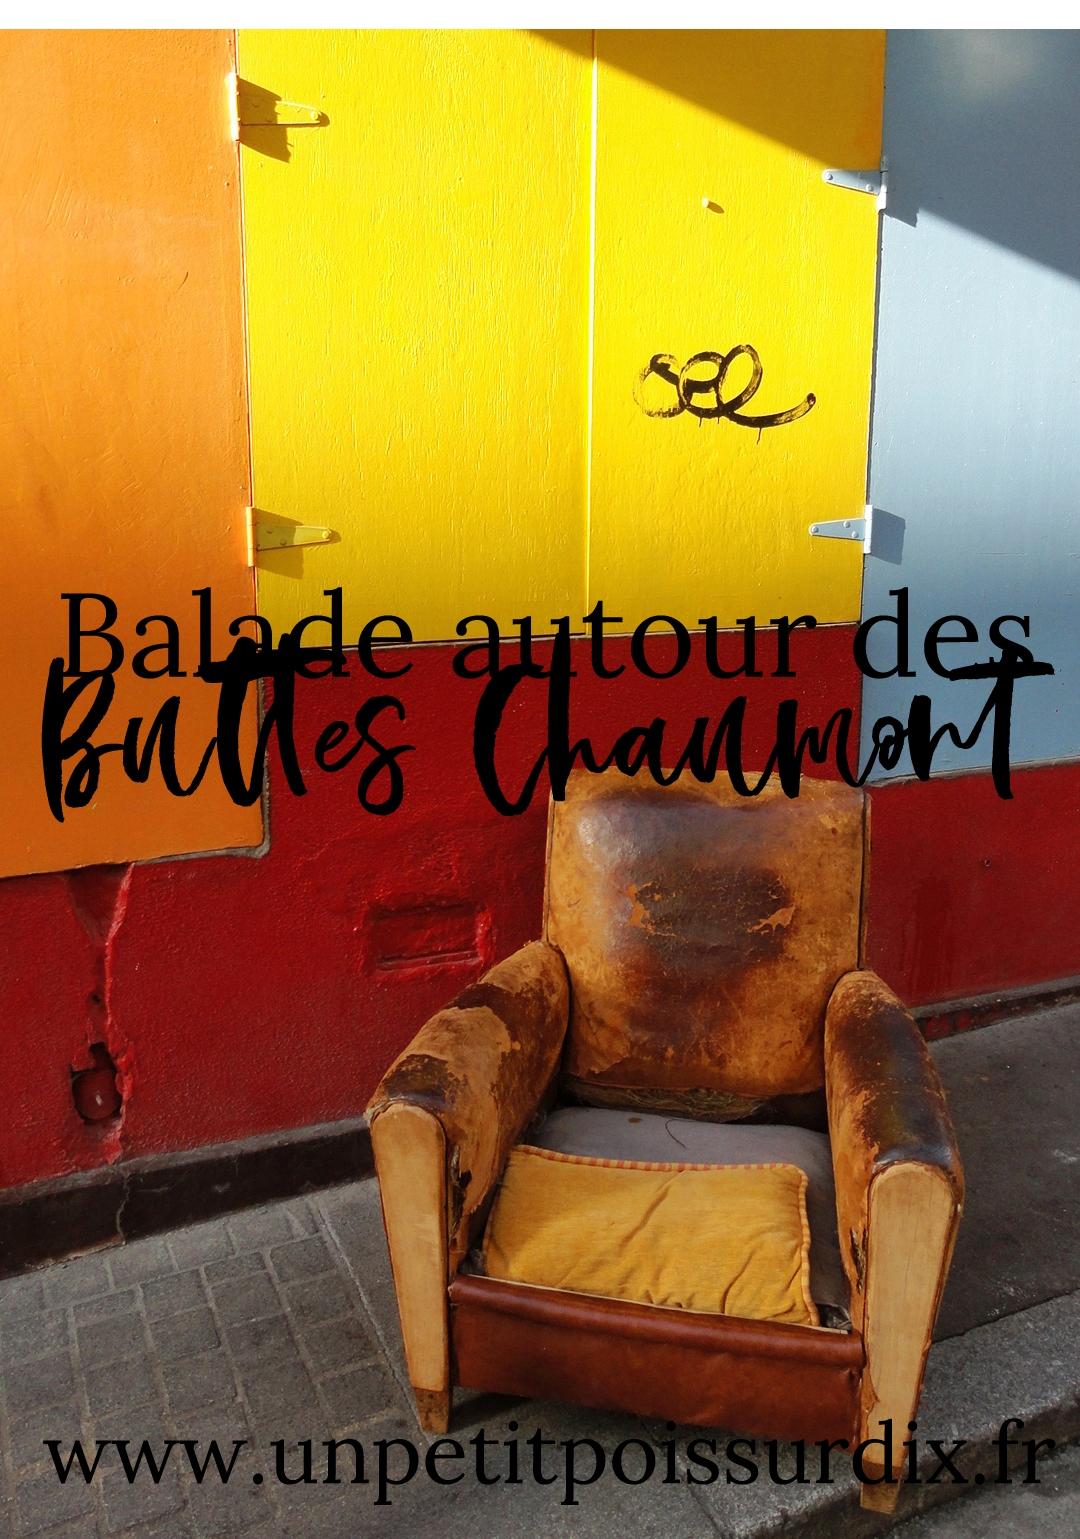 Balade autour des Buttes Chaumont